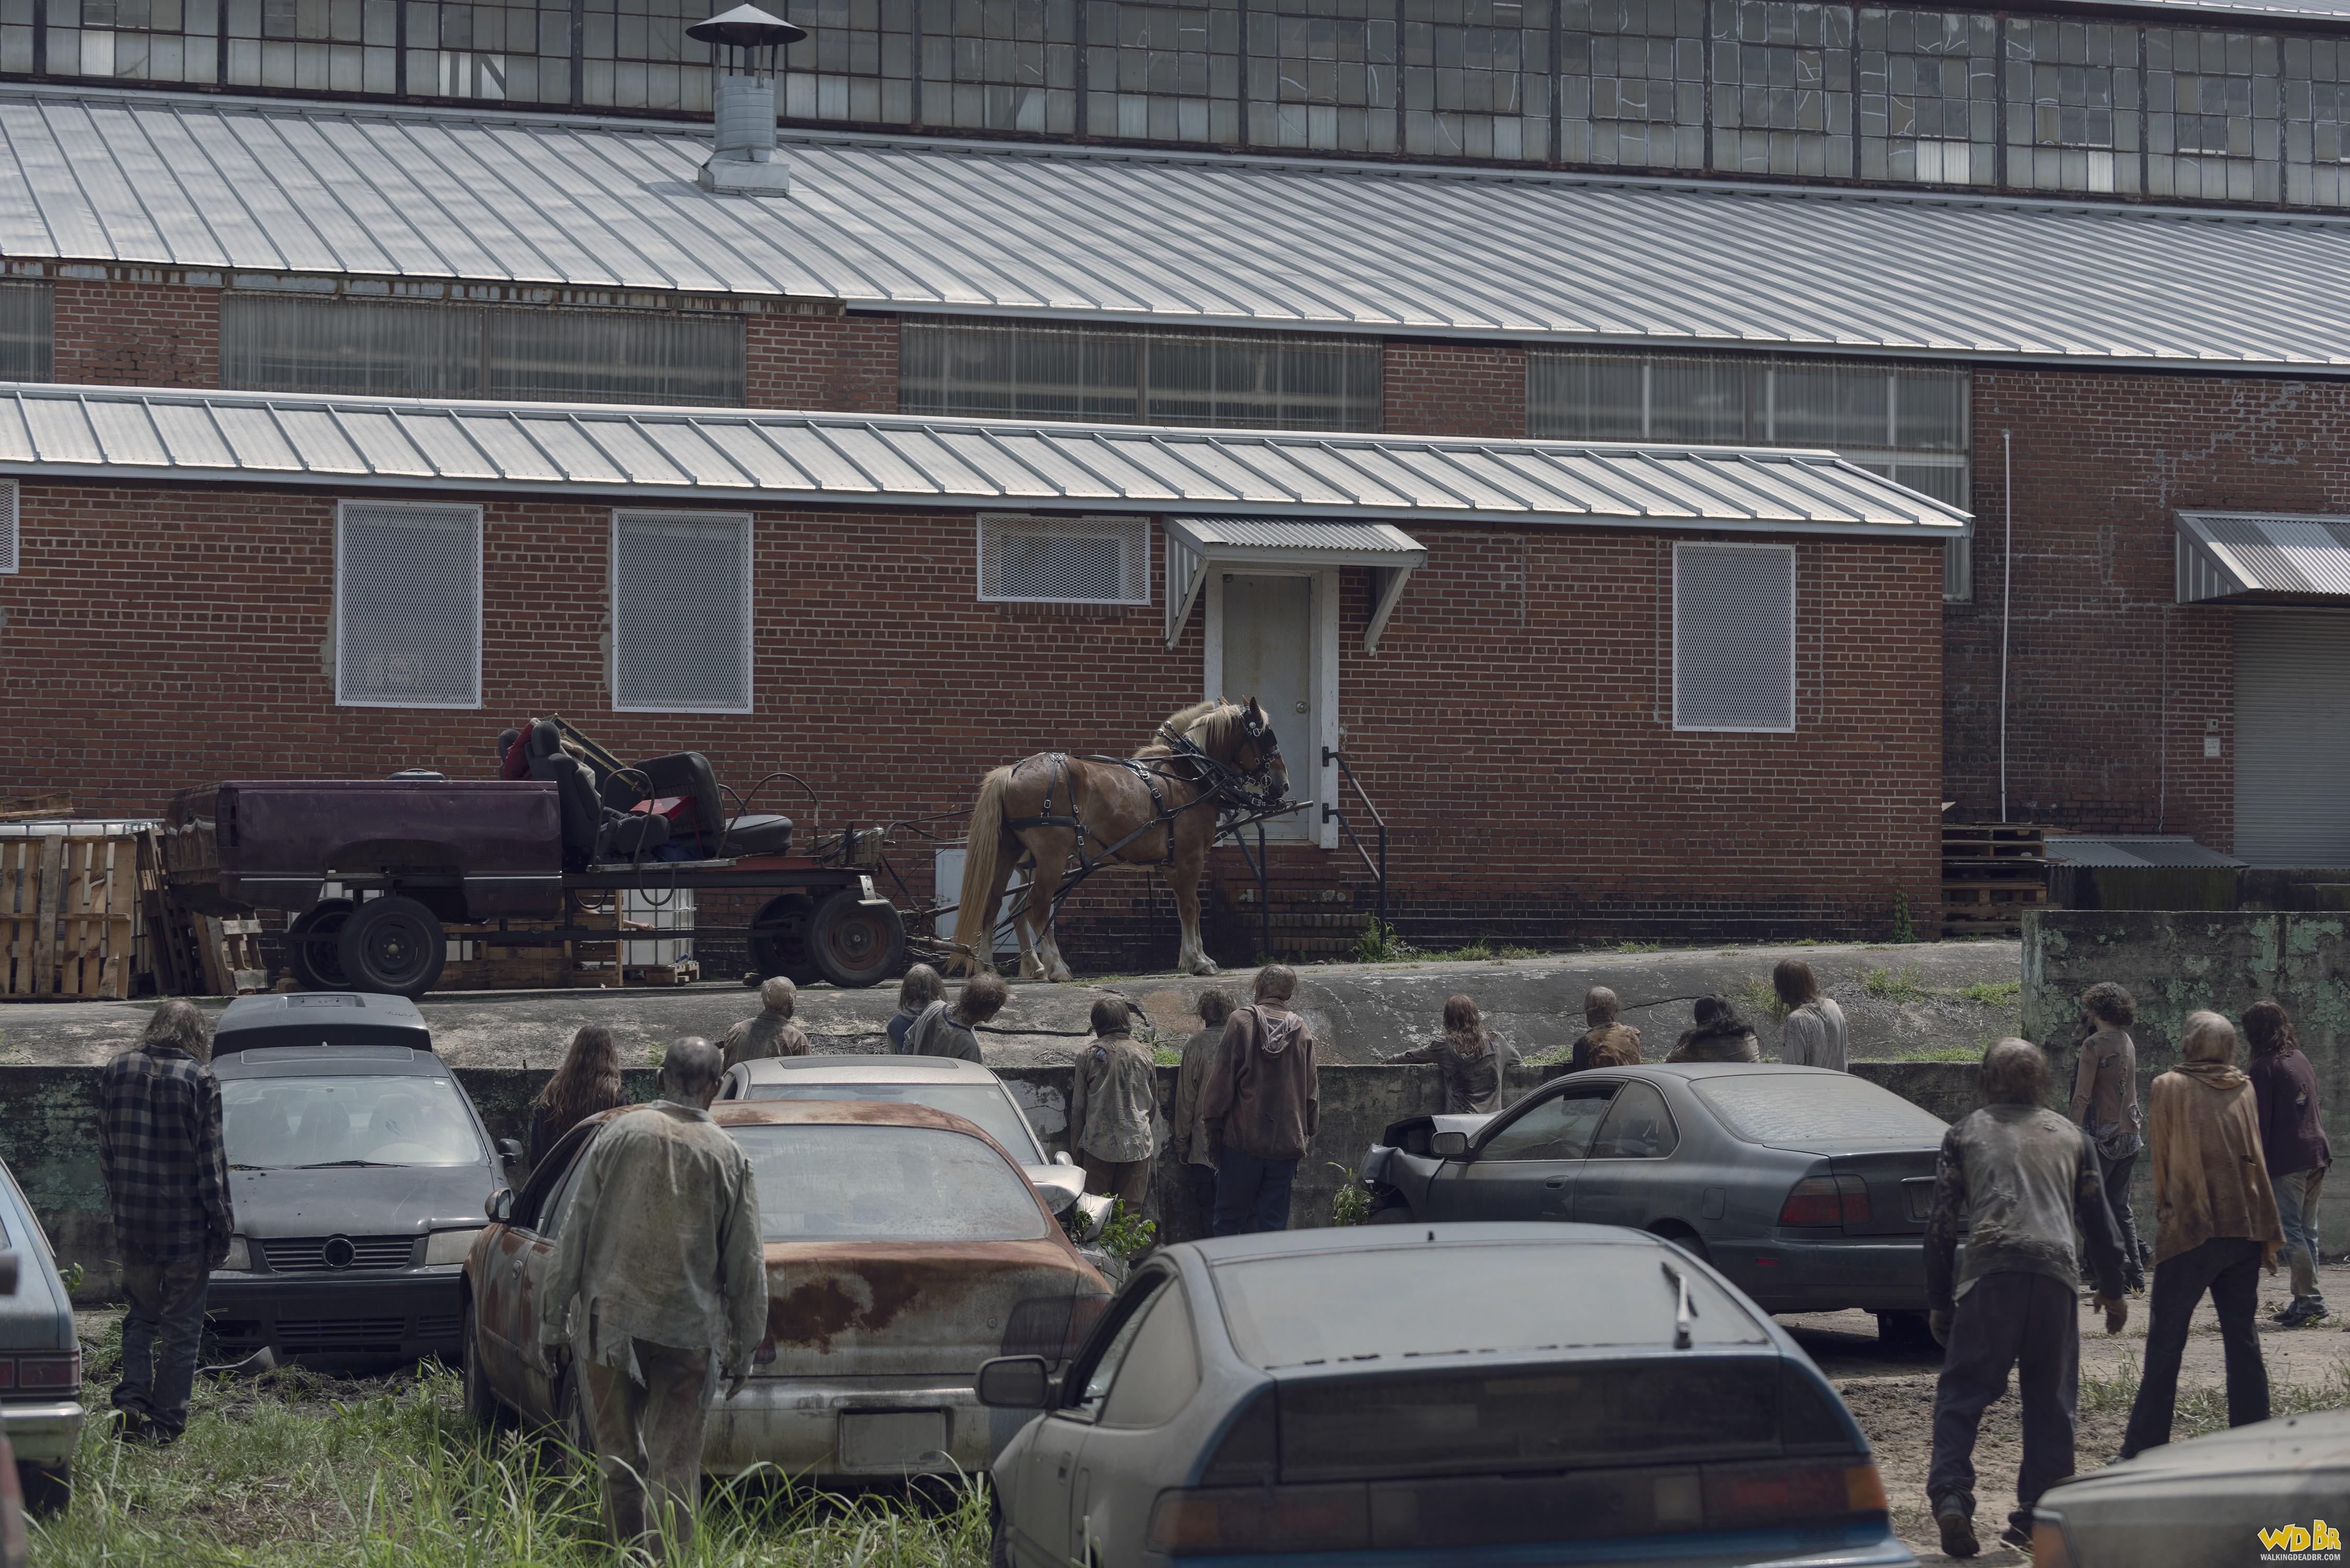 Horda de zumbis que invadiu o local onde Michonne e os outros passaram a noite